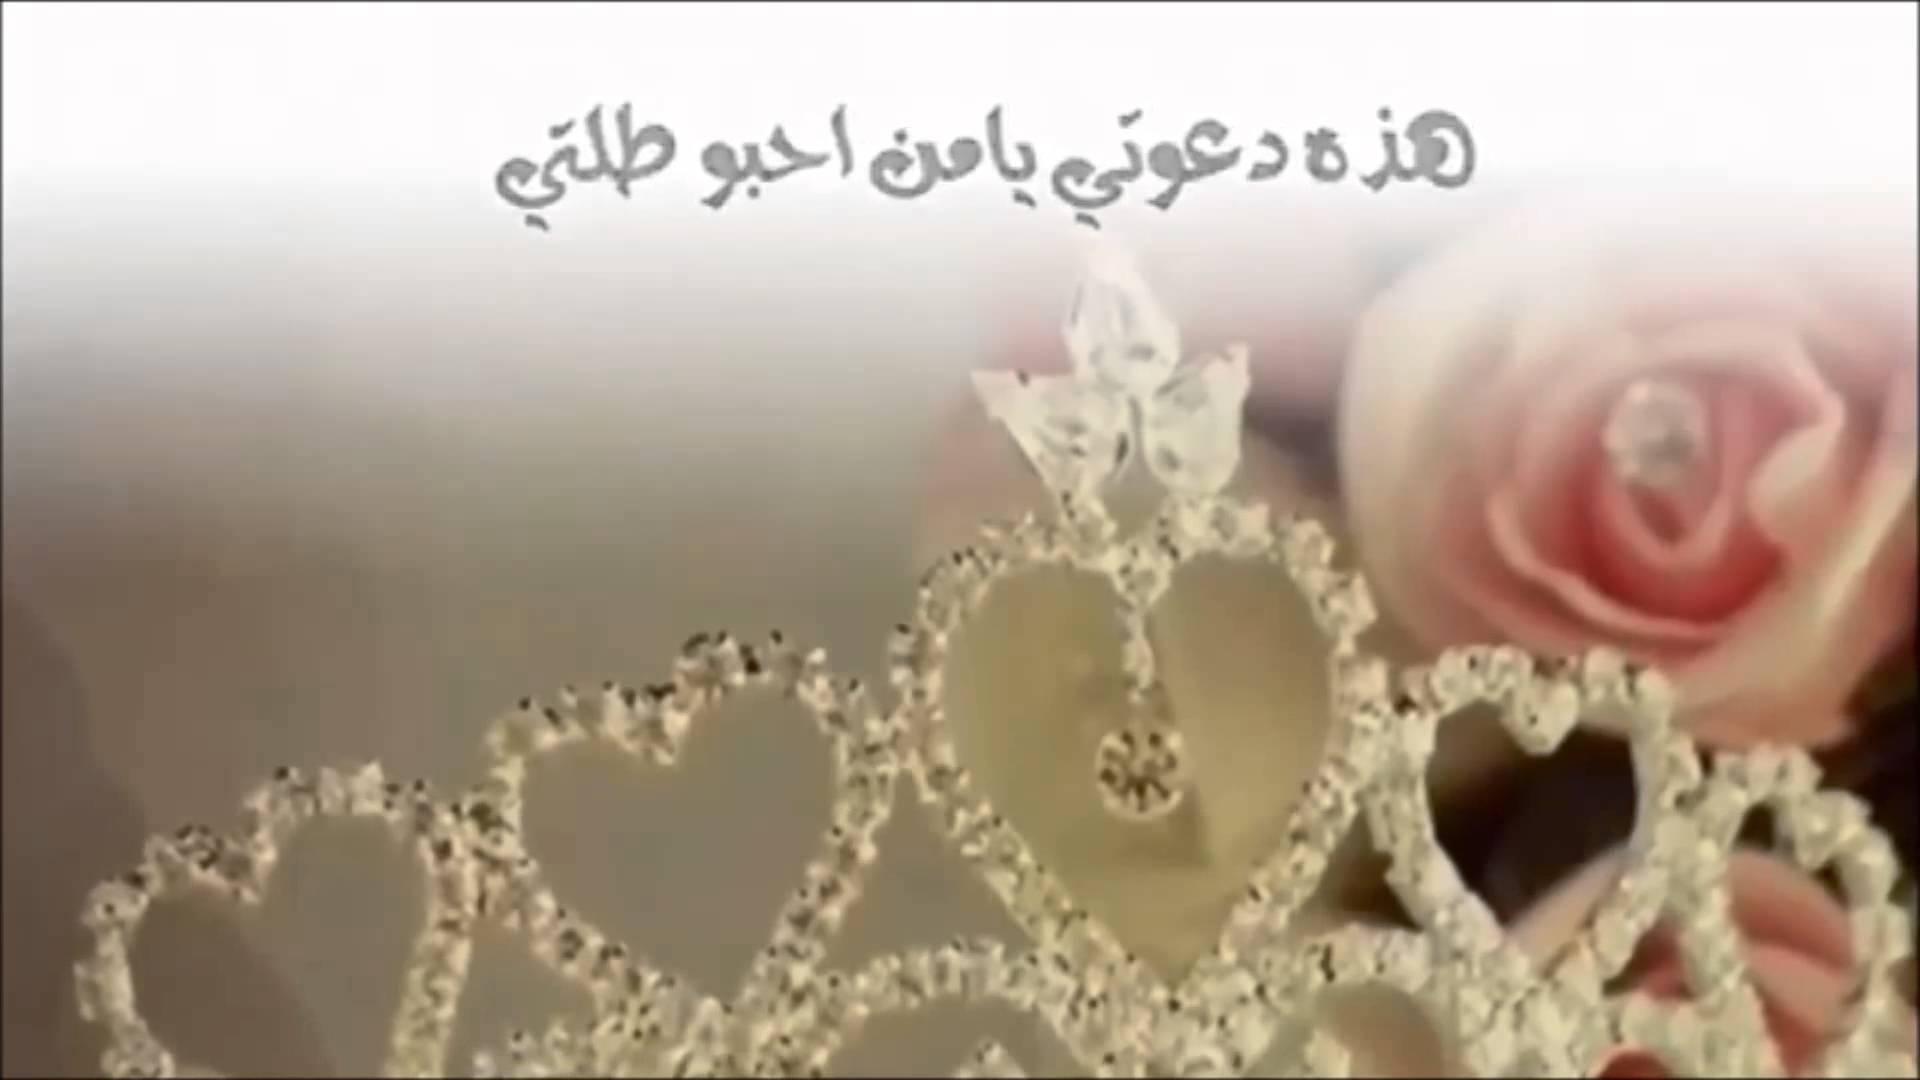 بالصور عبارات تهنئه للعروس للواتس , التهانى فى الافراح وماذا يقال 5438 6